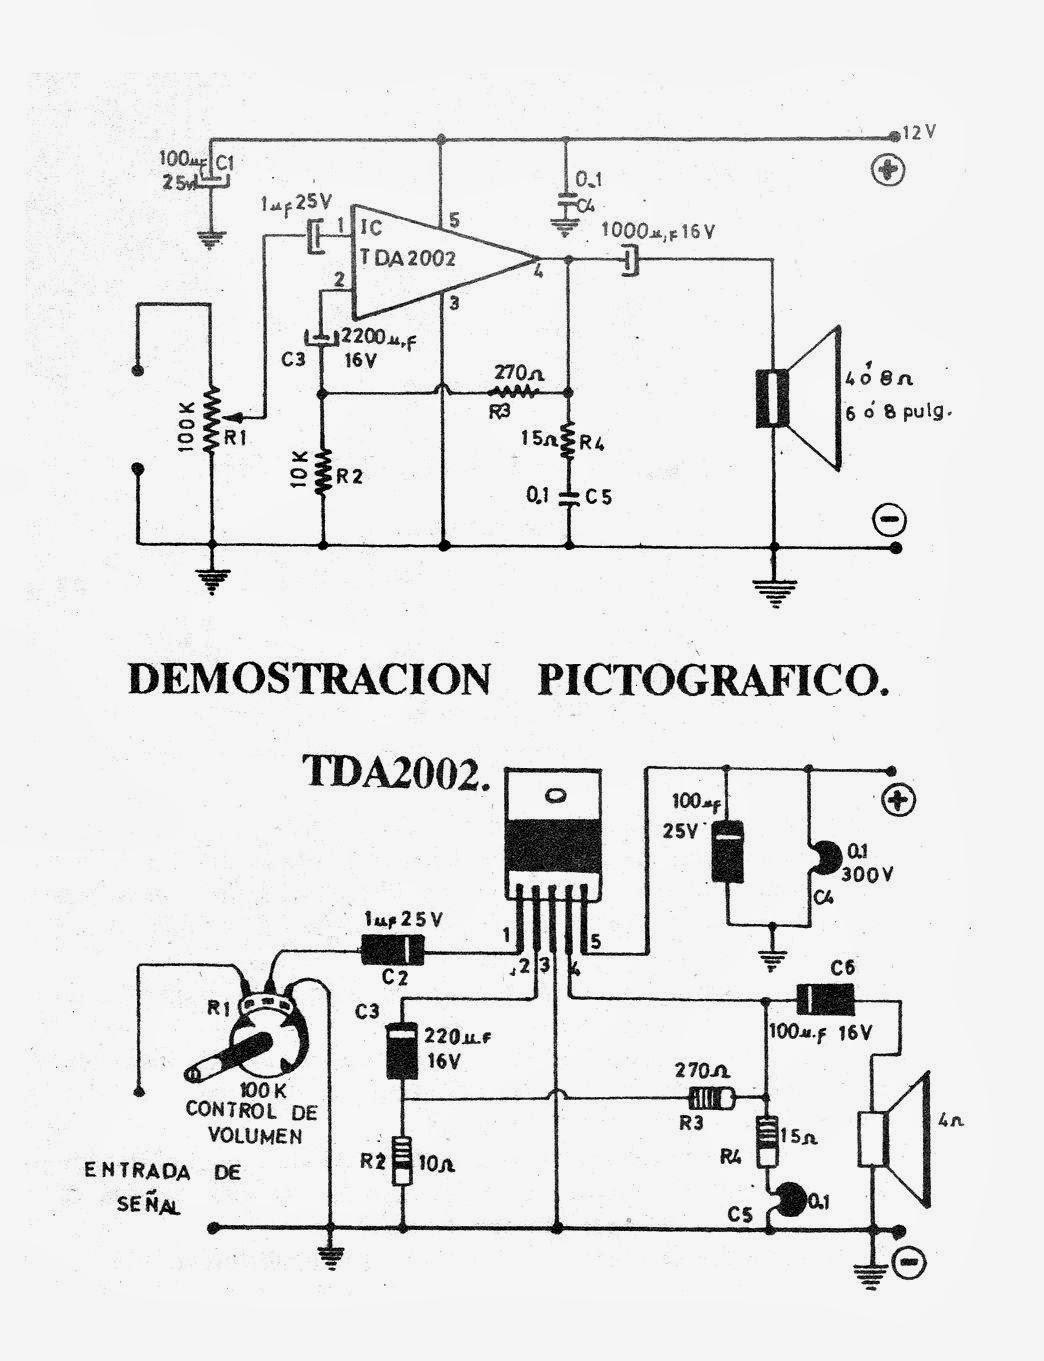 Circuito Amplificador : Electronica diagramas circuitos circuito amplificador wats